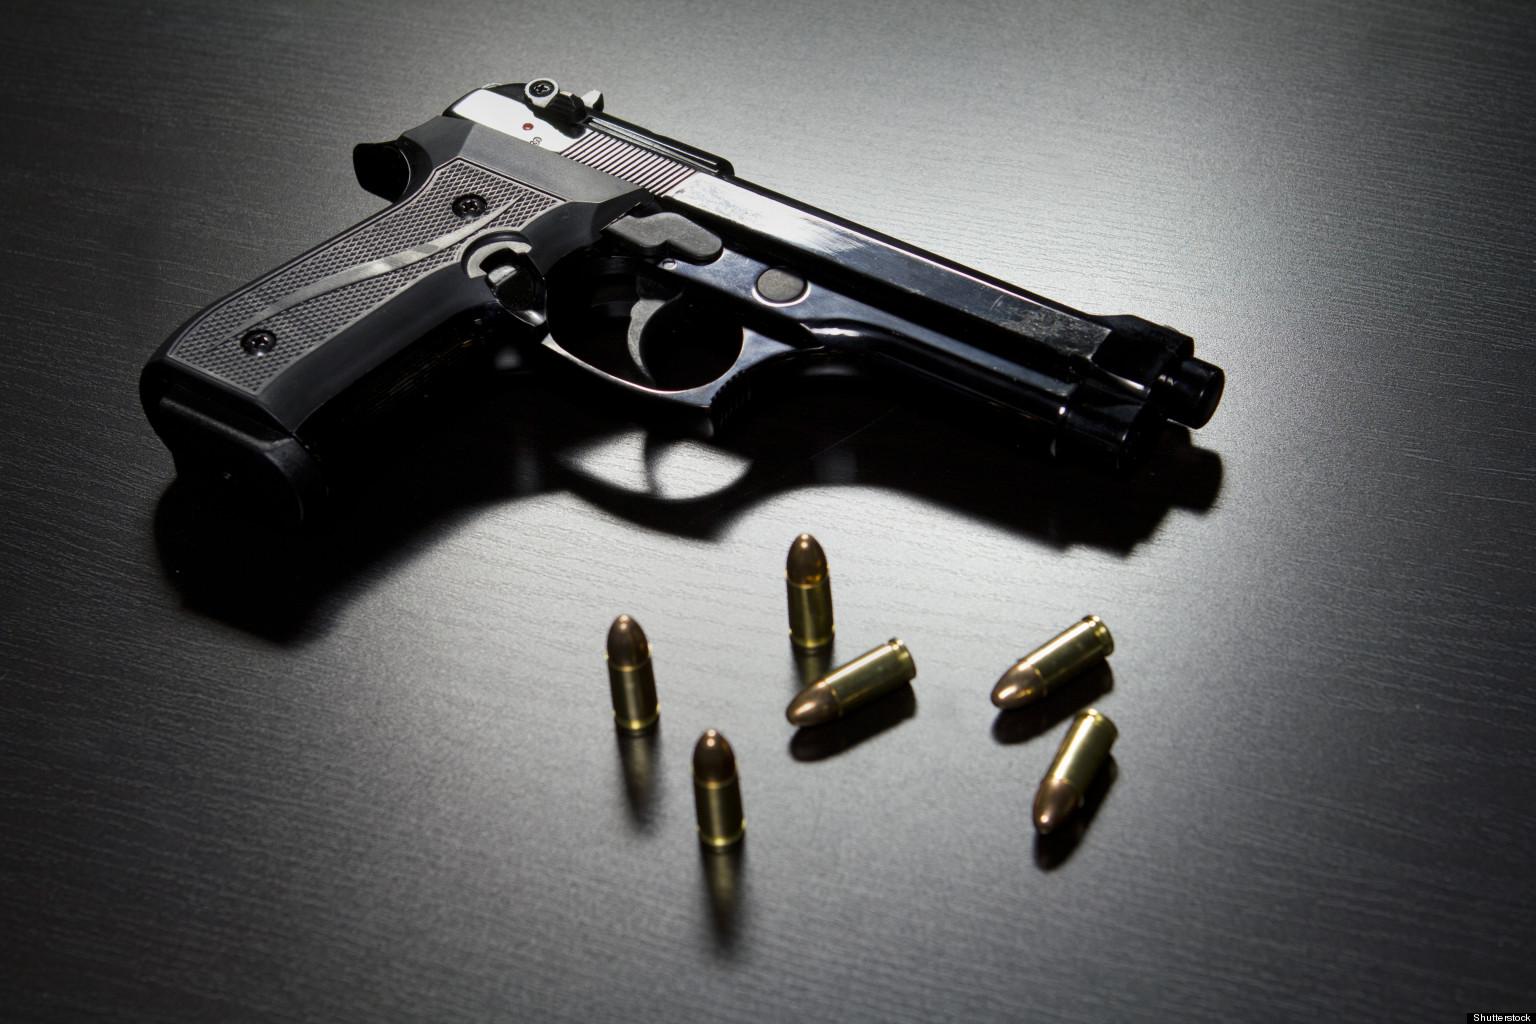 Smart Guns Technology Can Minimize Gun Violence